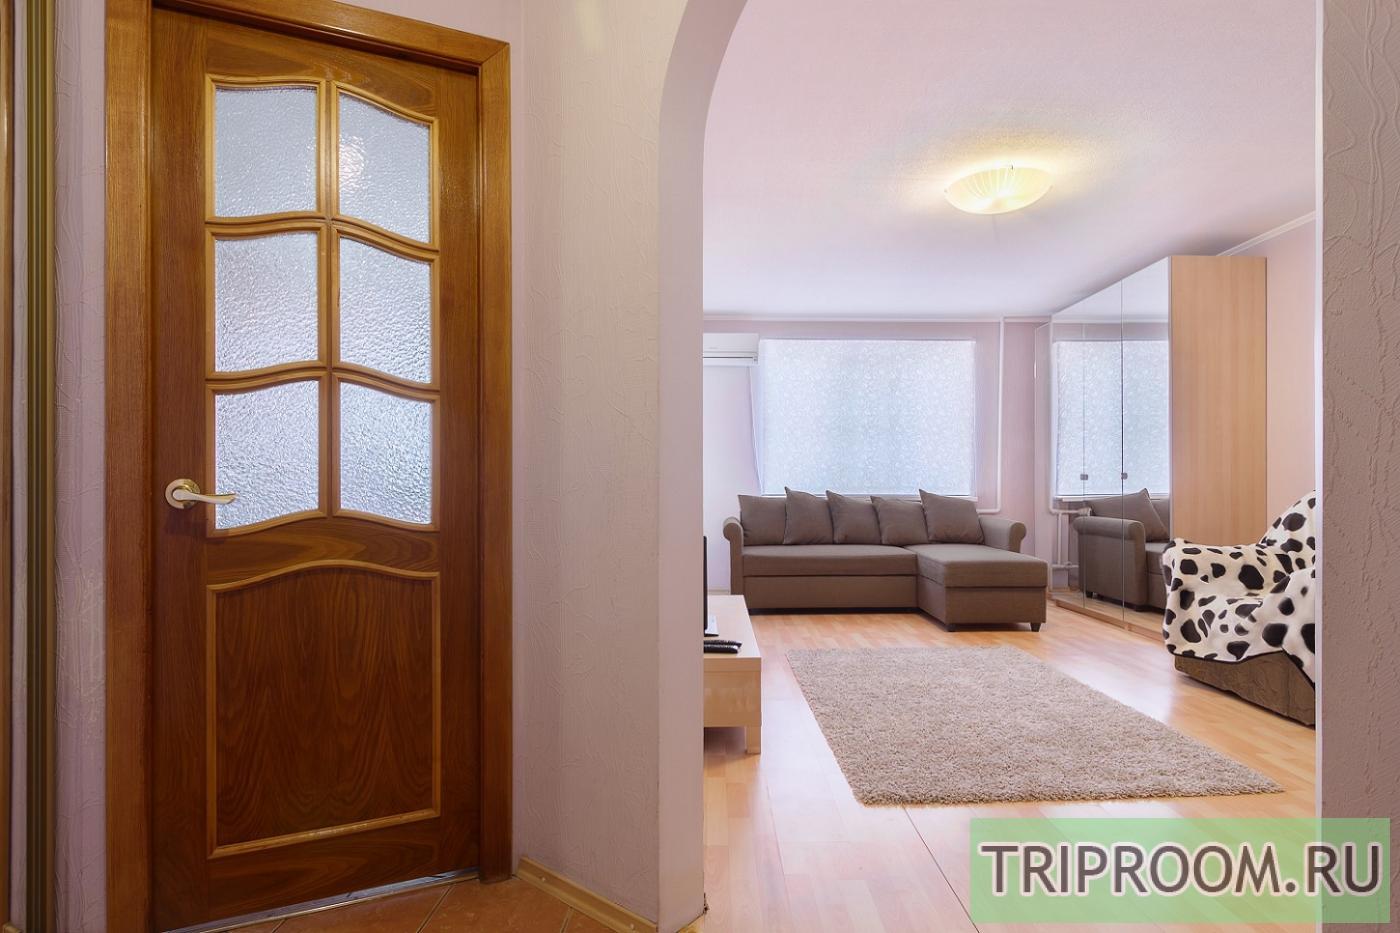 2-комнатная квартира посуточно (вариант № 11540), ул. Красноармейская улица, фото № 9